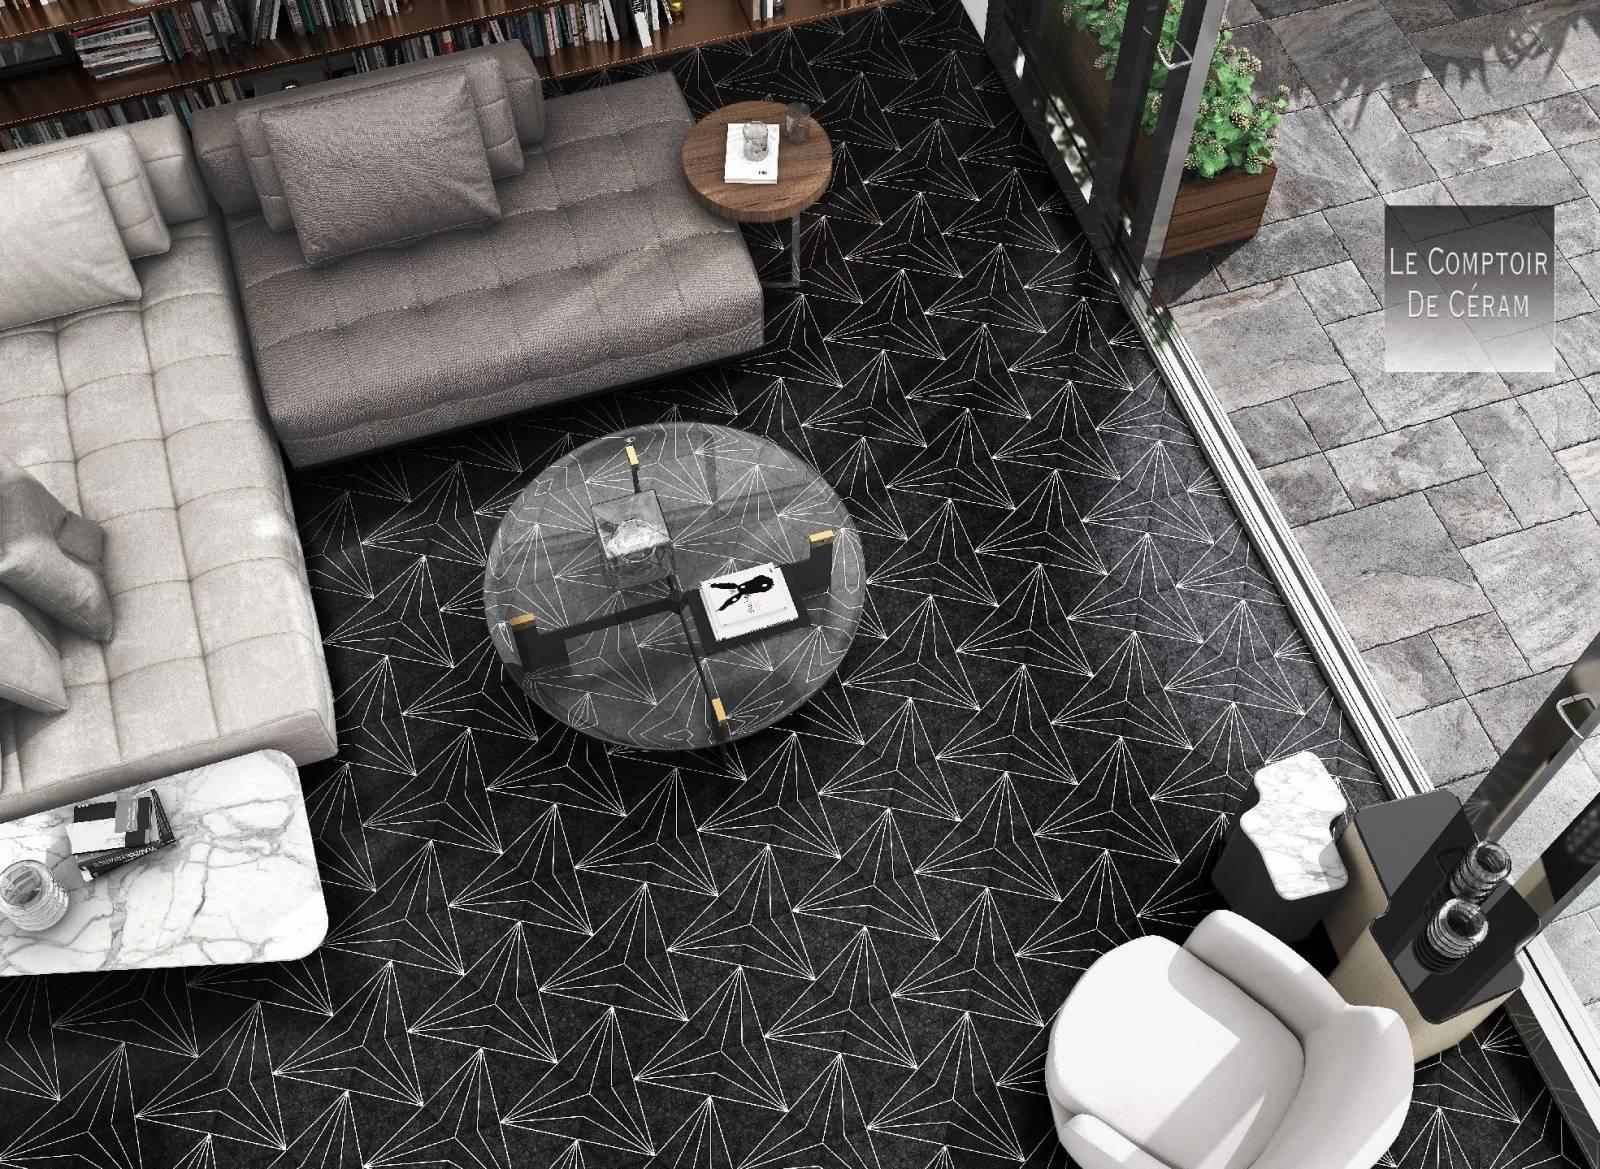 carrelage hexagonal sol et mur formes géométriques noir et blanc à